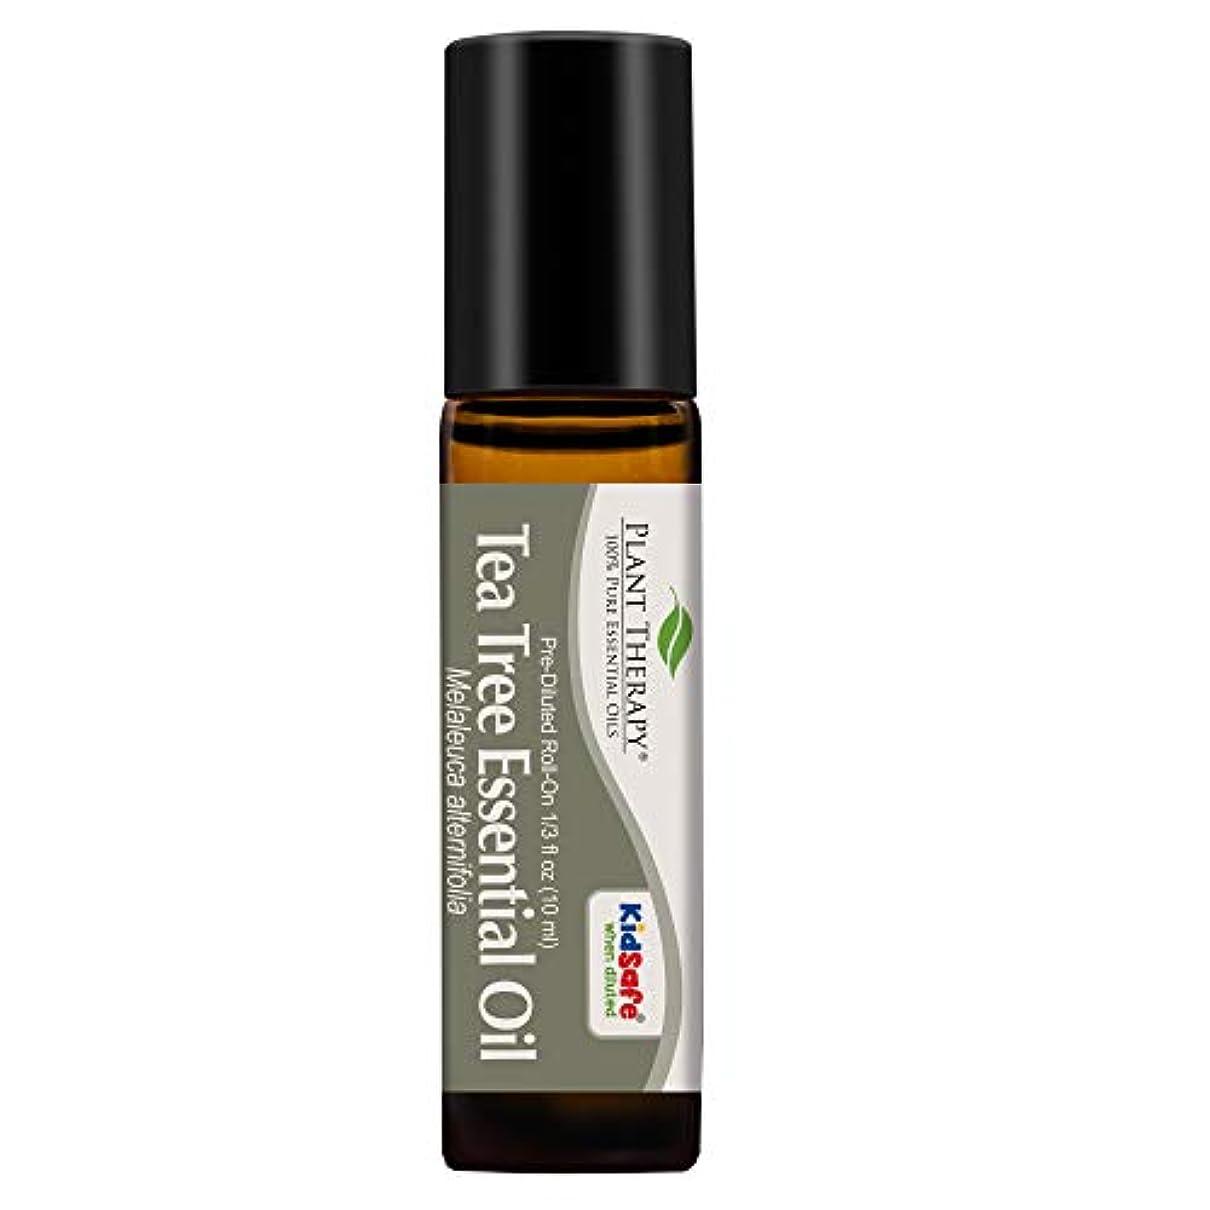 ヨーロッパ内訳しなやかPlant Therapy Tea Tree Pre-Diluted Roll-On 10 ml (1/3 fl oz) 100% Pure, Therapeutic Grade